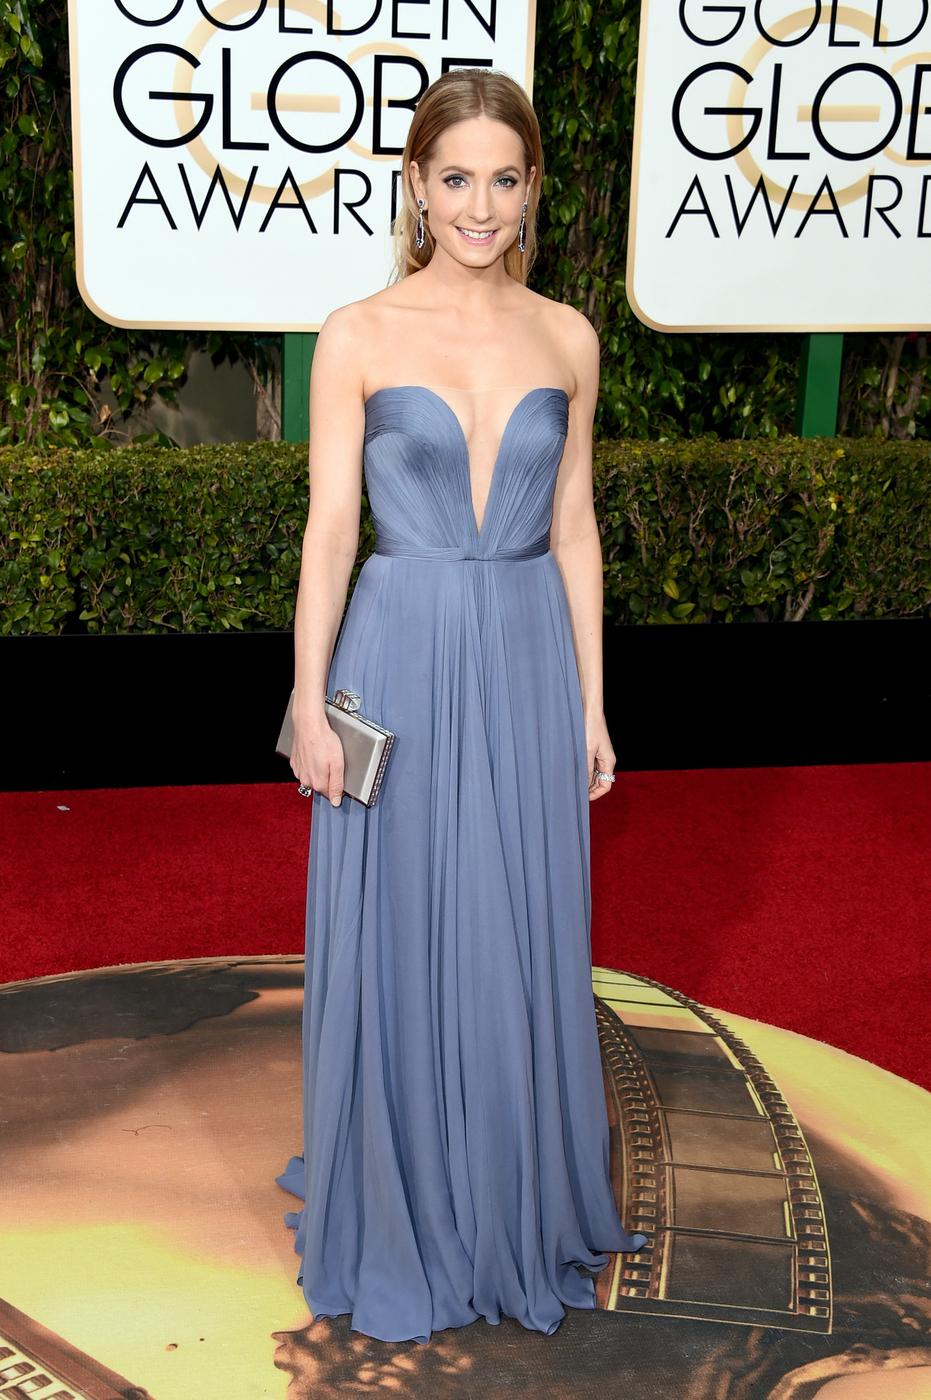 Golden Globes 2016 Joanne Froggatt.jpg